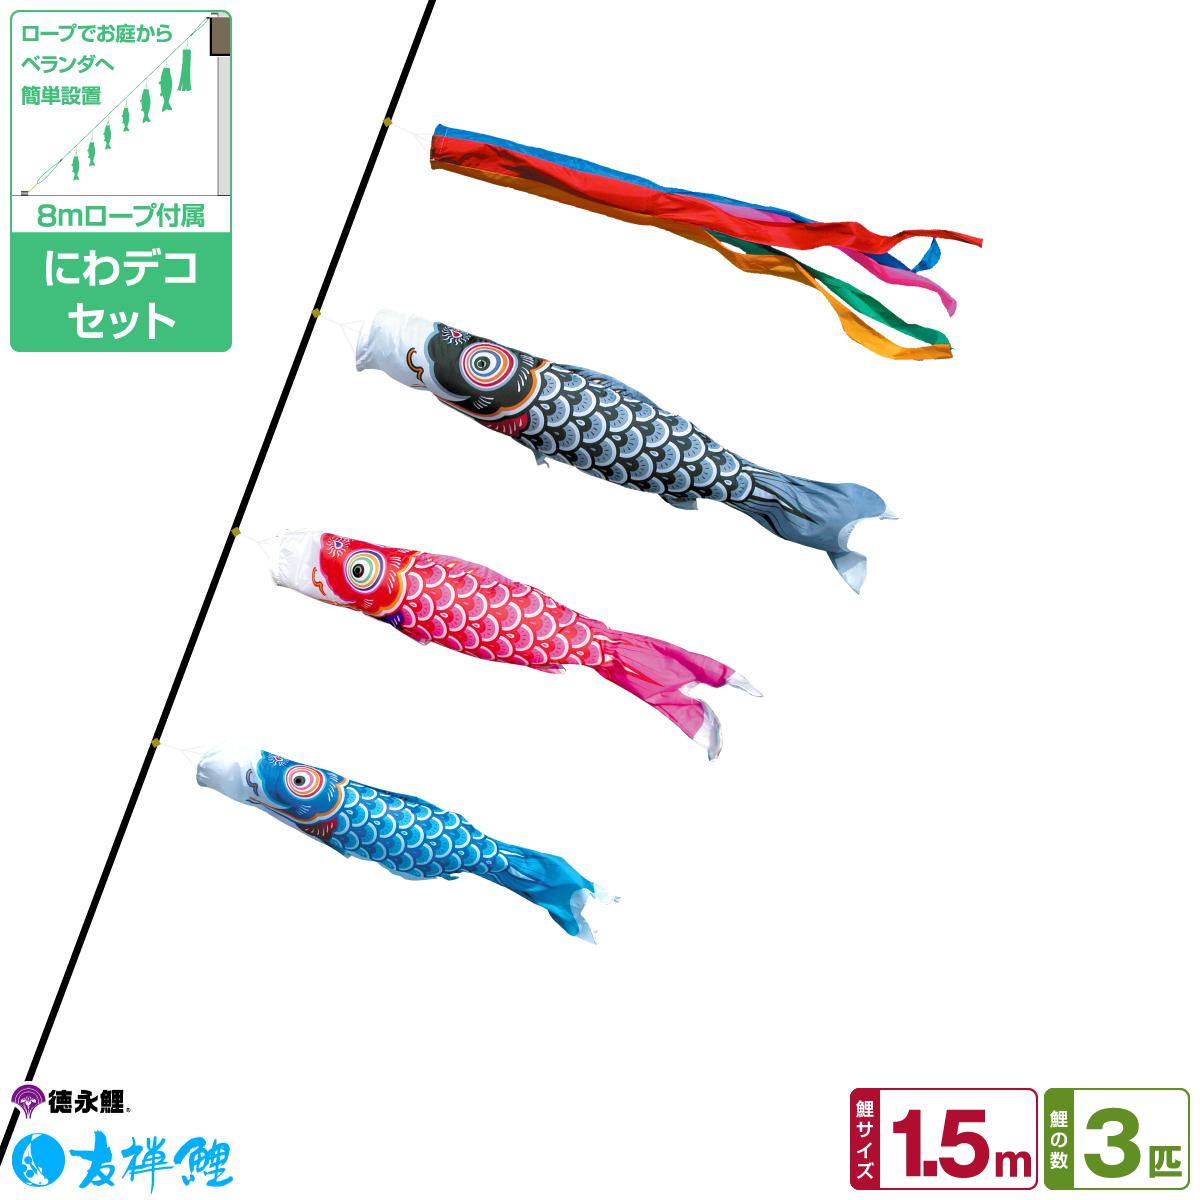 徳永鯉のぼり 友禅鯉 1.5m 6点セット にわデコセット 2019年初節句 端午の節句 こどもの日 こいのぼり